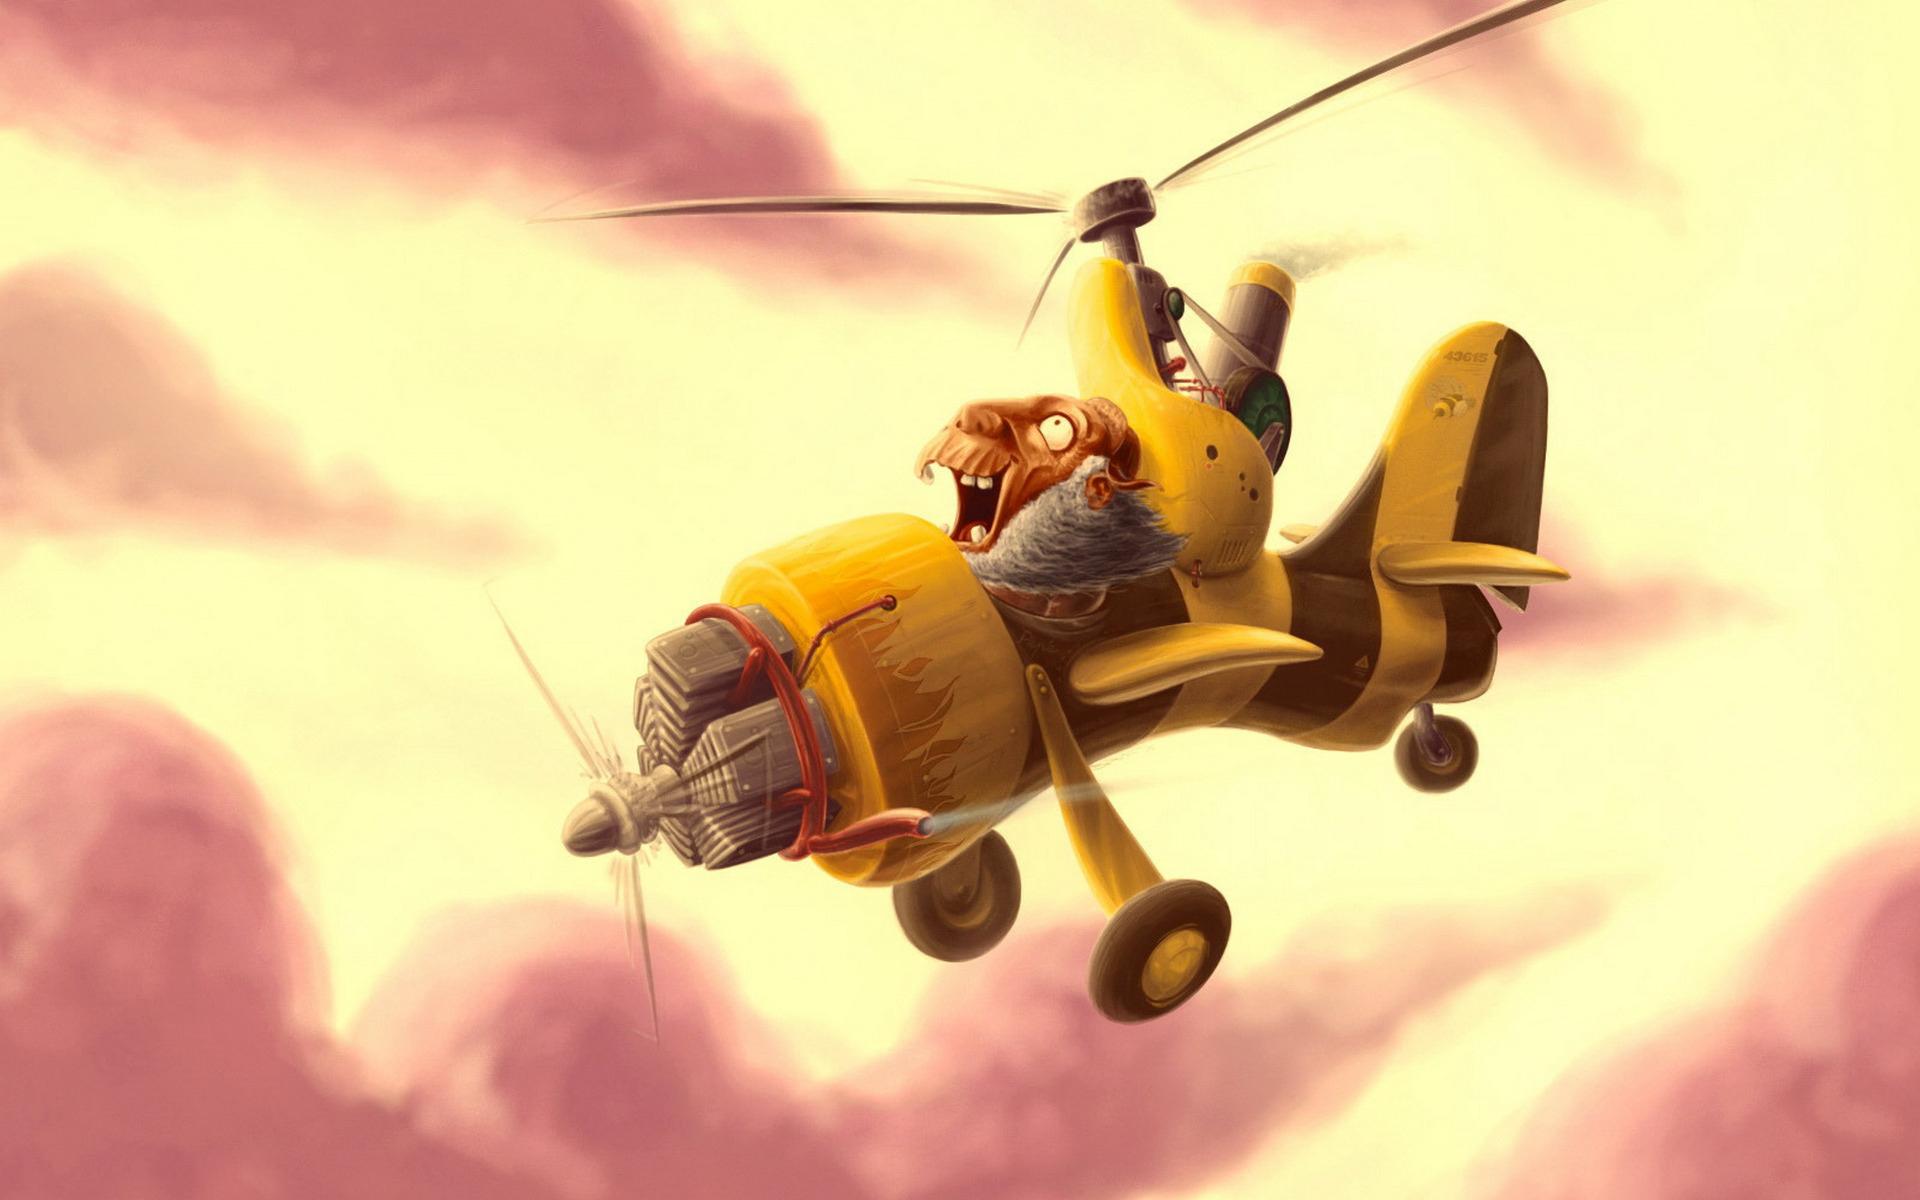 Картинка веселого самолета, другу пожеланием скорейшего